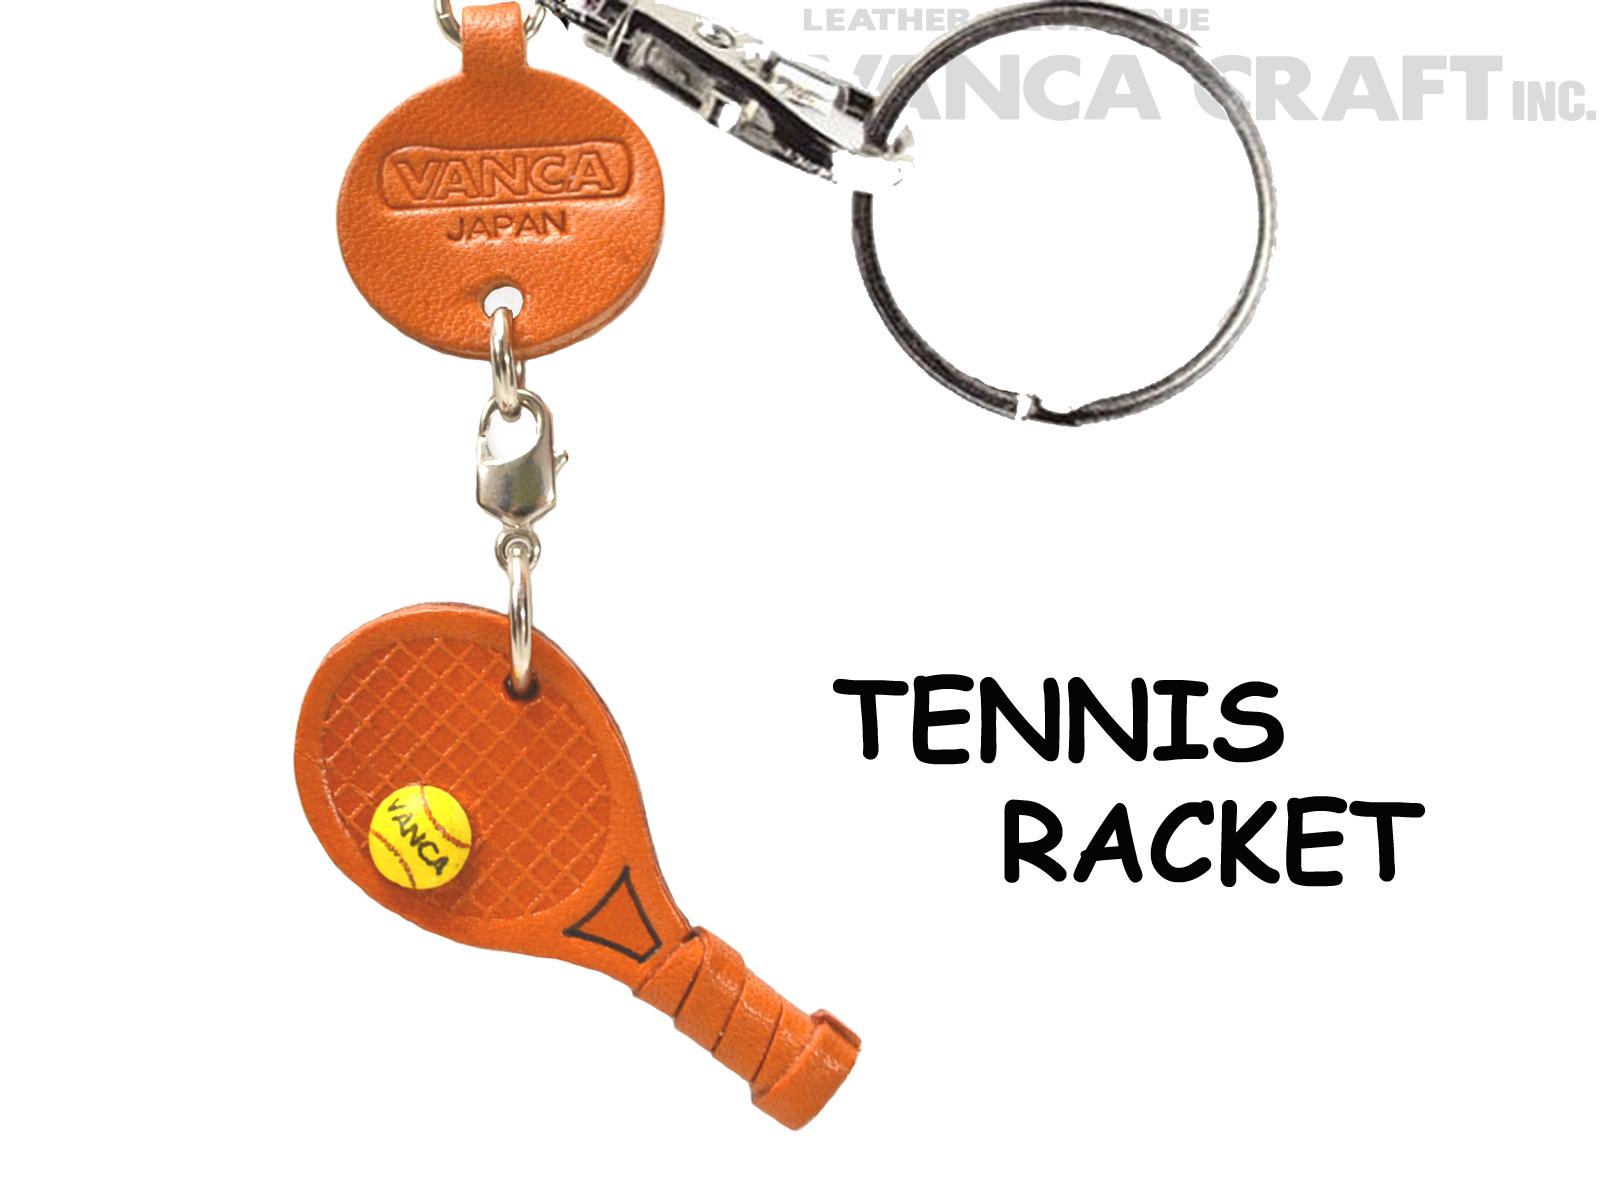 VANCA本革レザーグッズキーホルダー テニスラケット